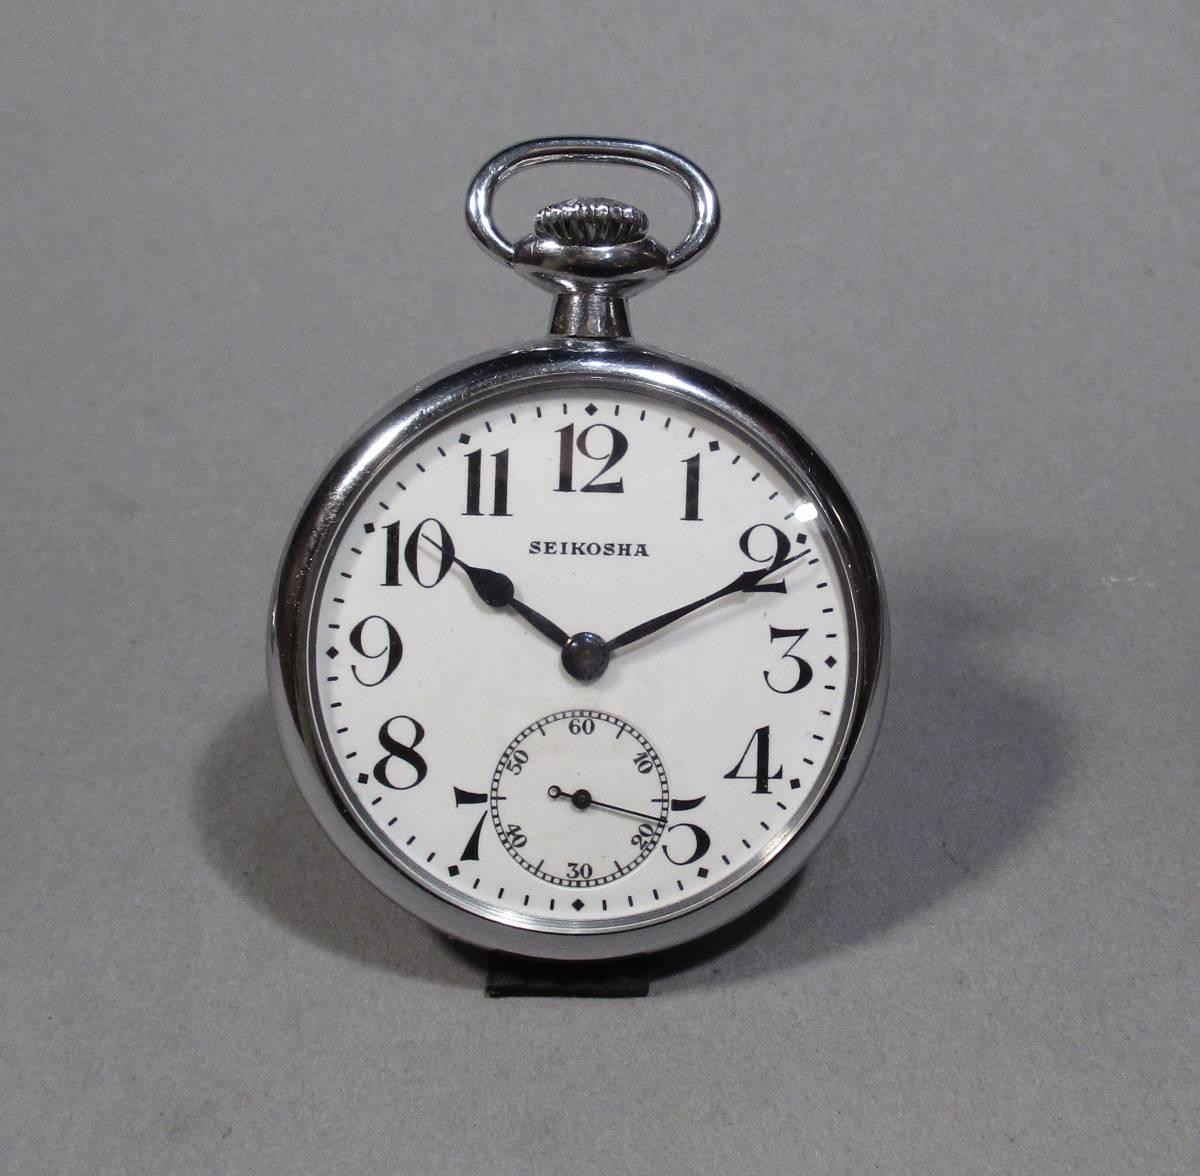 ☆ 精工舎 南満洲鉄道時計 19セイコー ニツケルクロム片蓋側 2